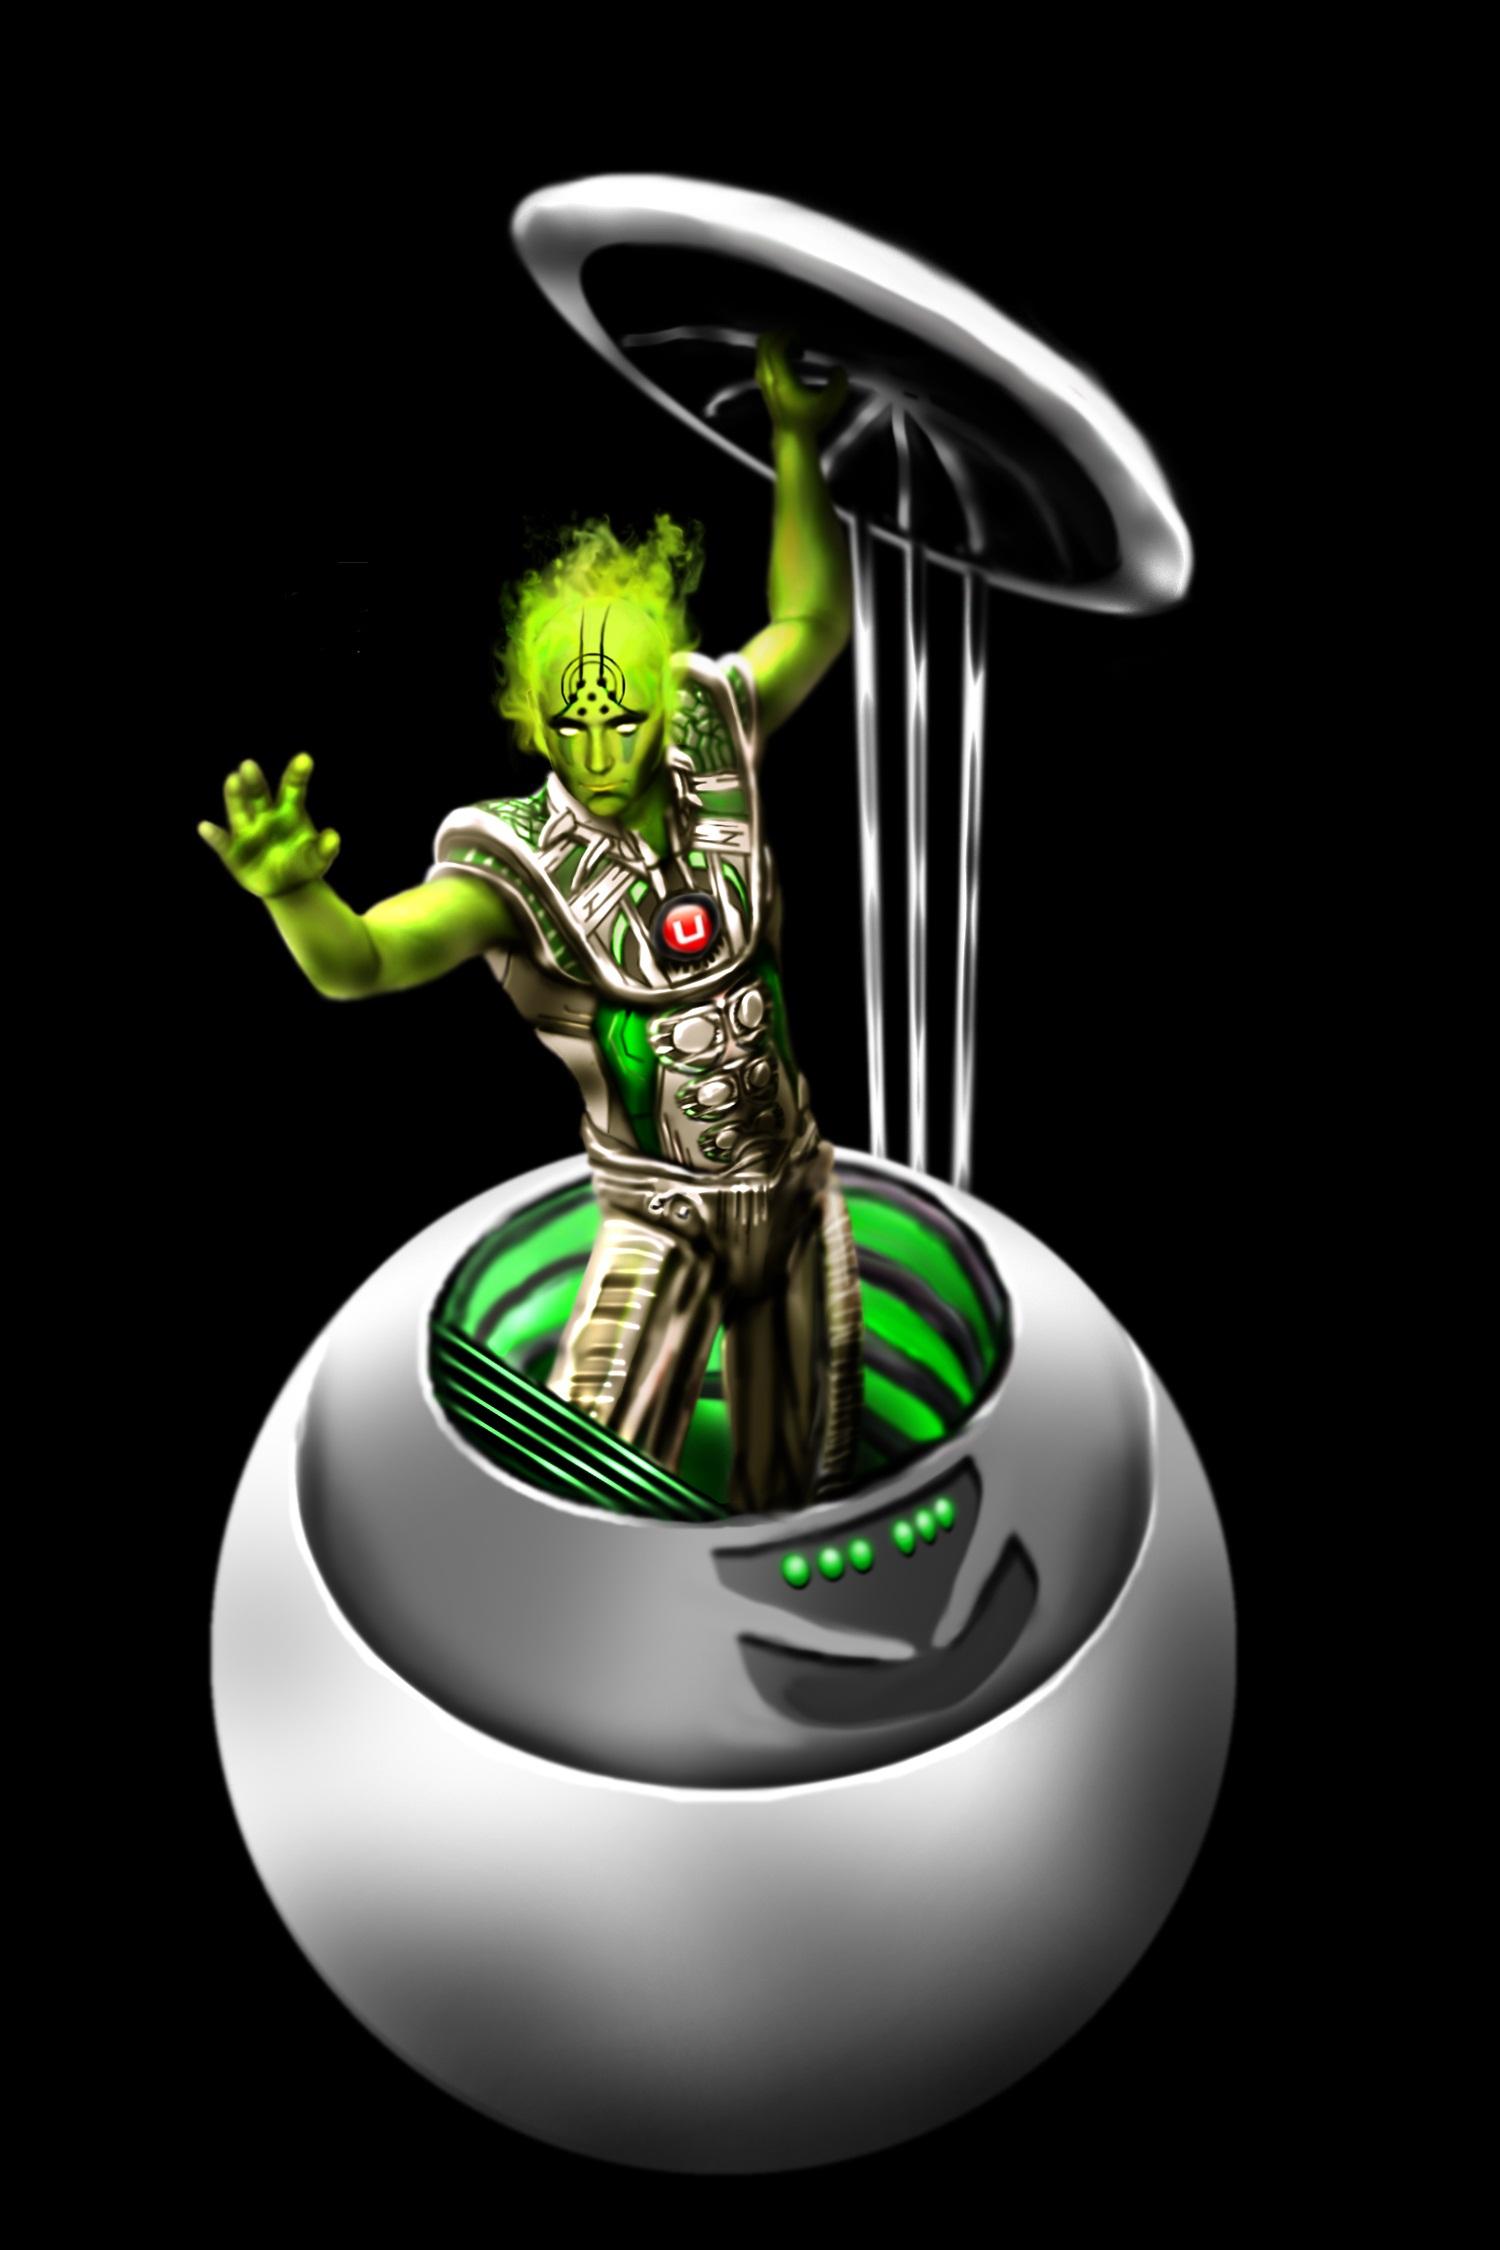 JC Alien dude